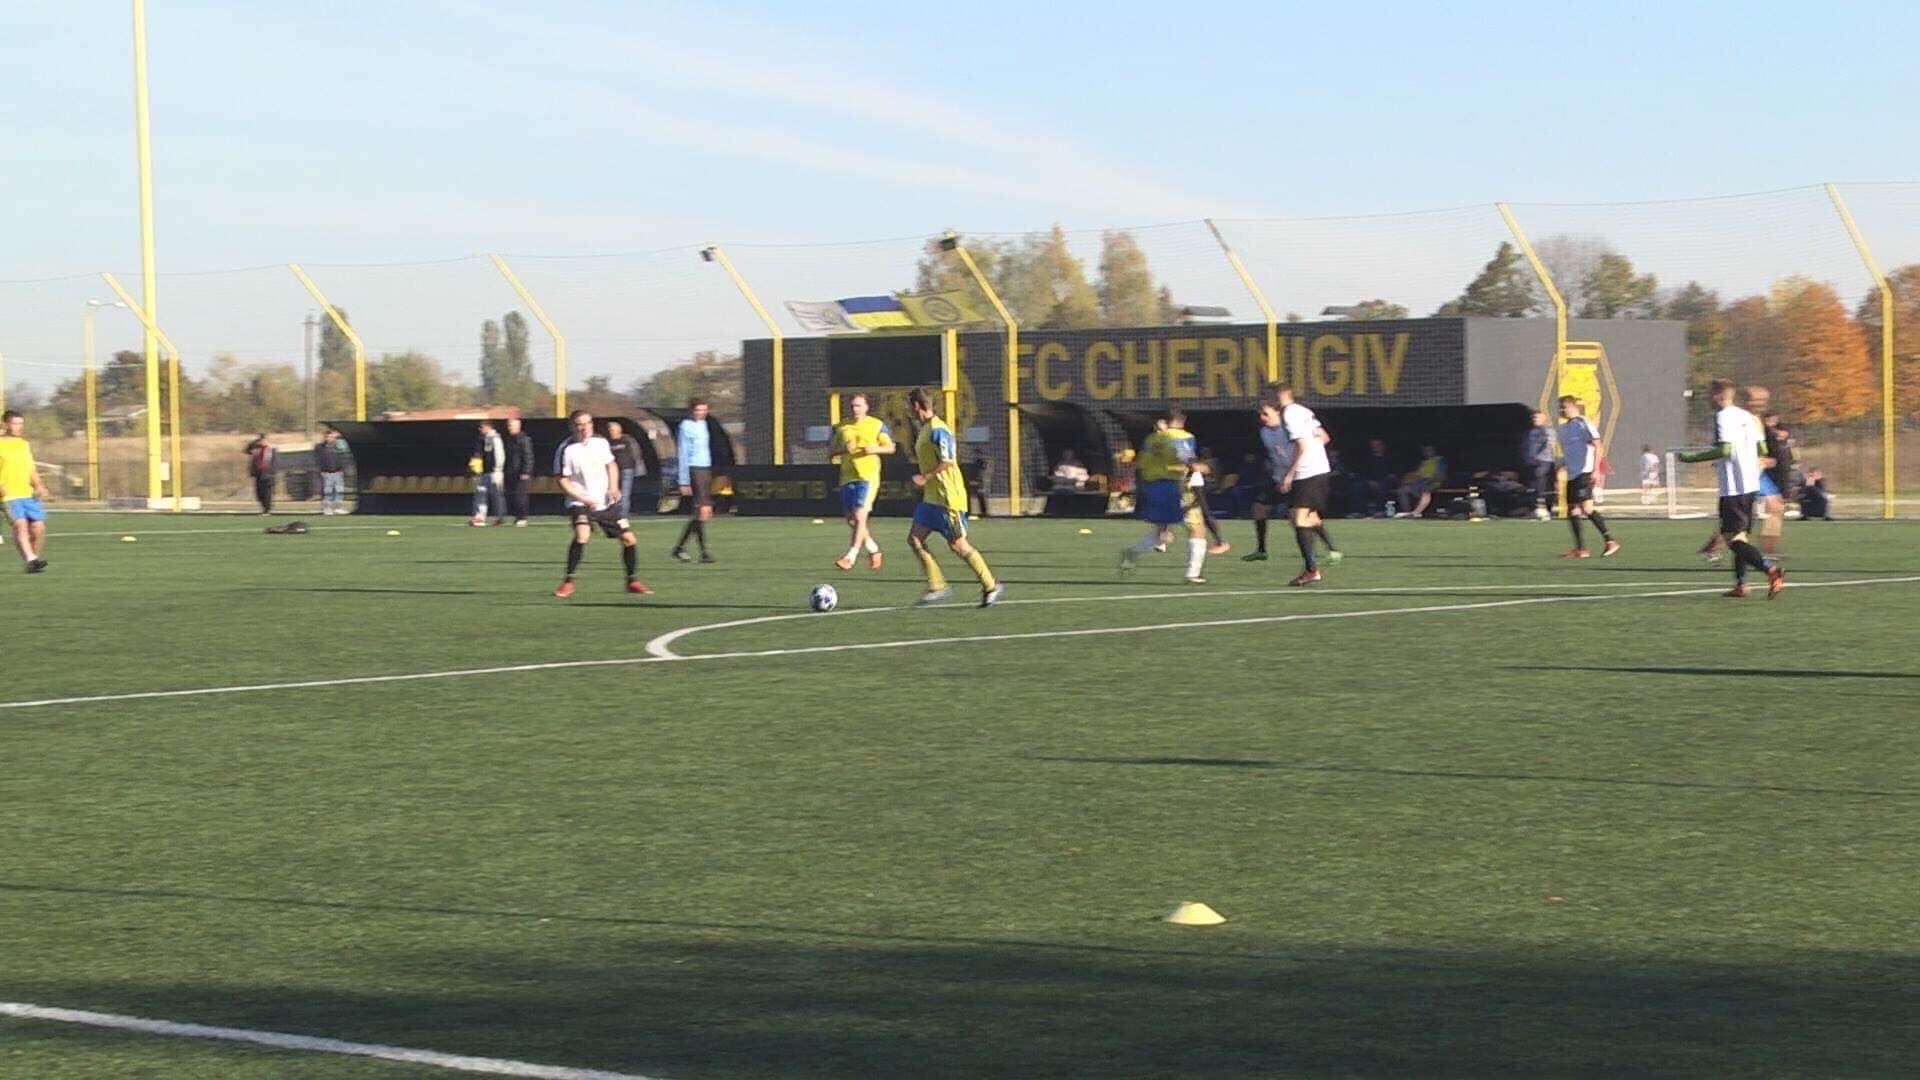 Запекла боротьба за кубок з дворового футболу в Чернігові